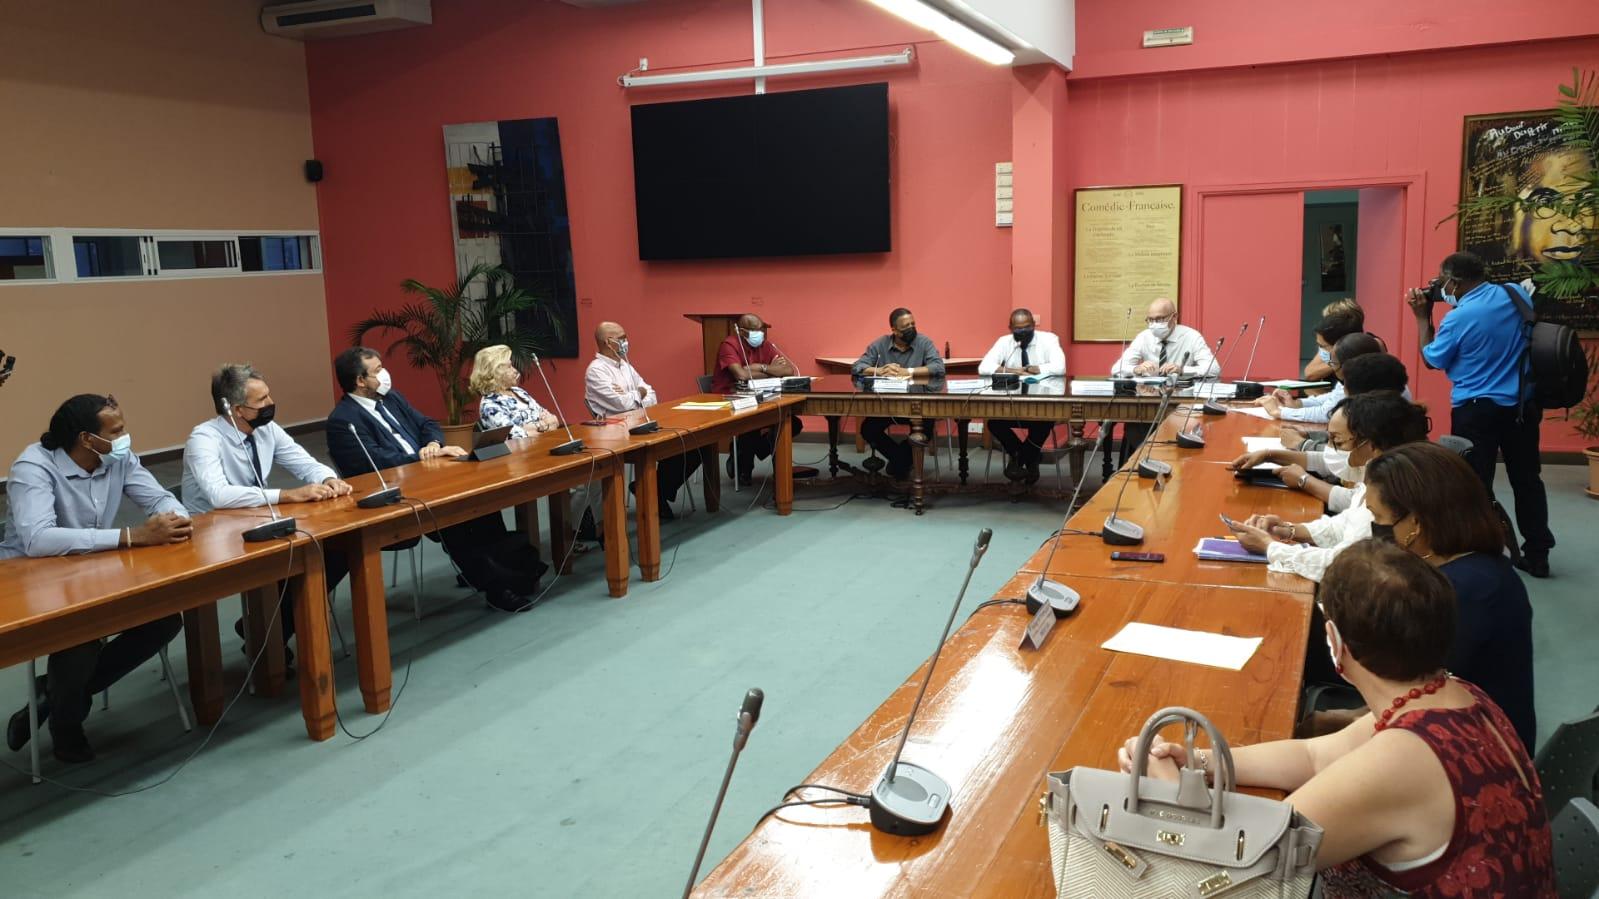 Aides de l'Etat : la ville de Fort-de-France signe un contrat de redressement des finances locales